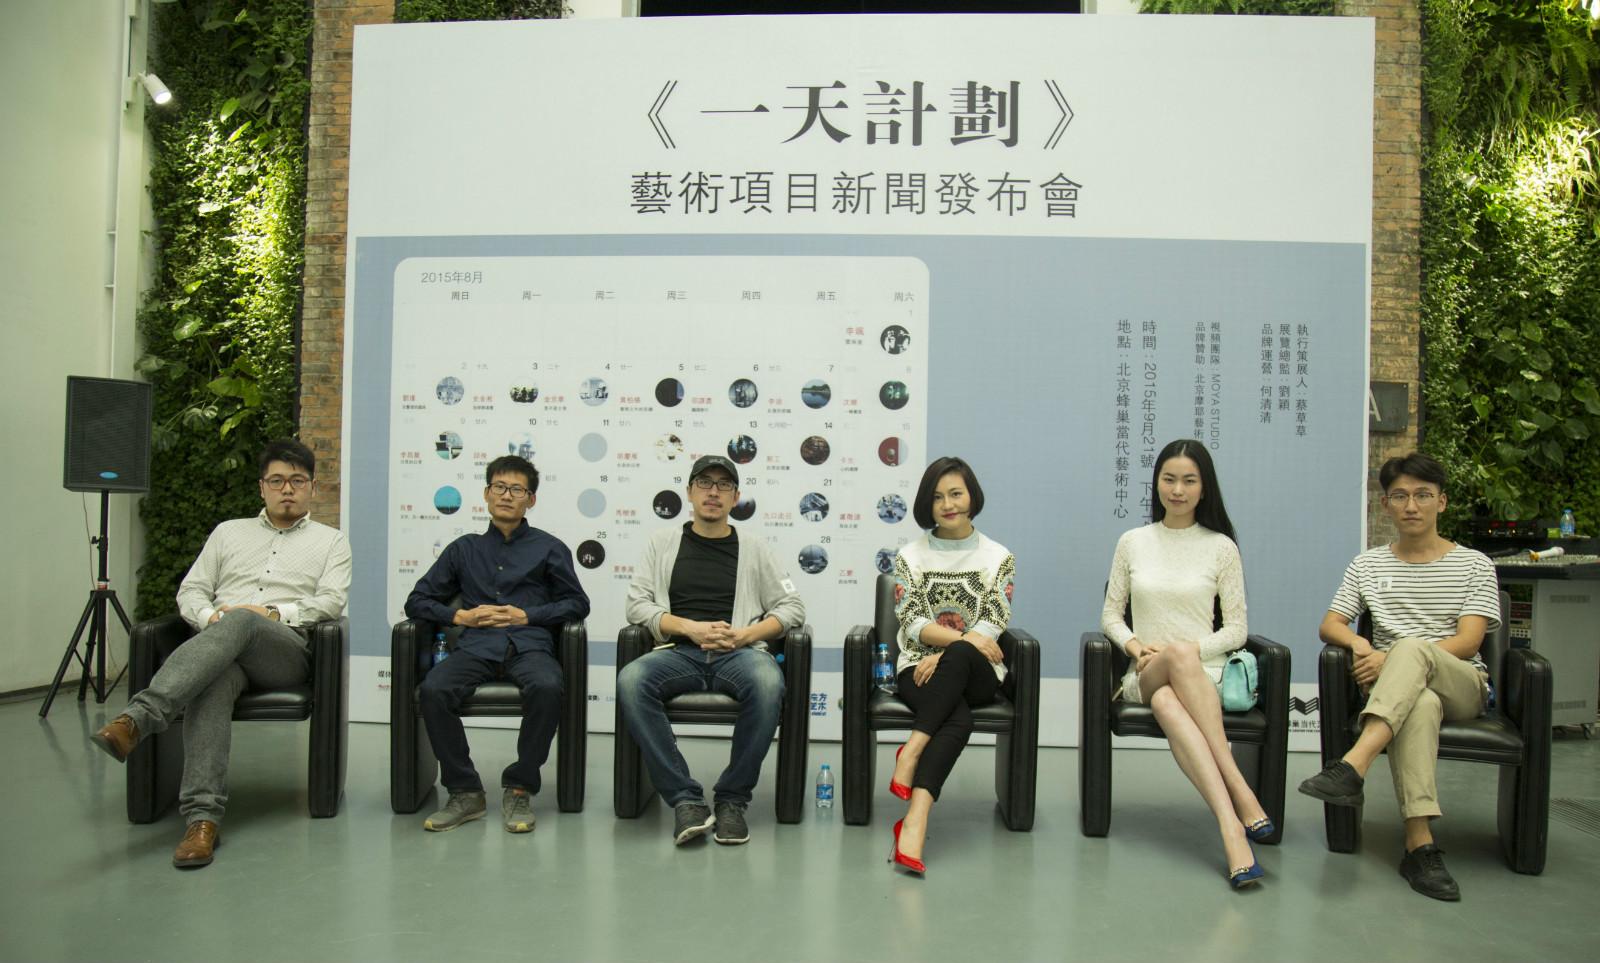 这可能是中国第一家90后创办的私人画廊——兮∙艺术